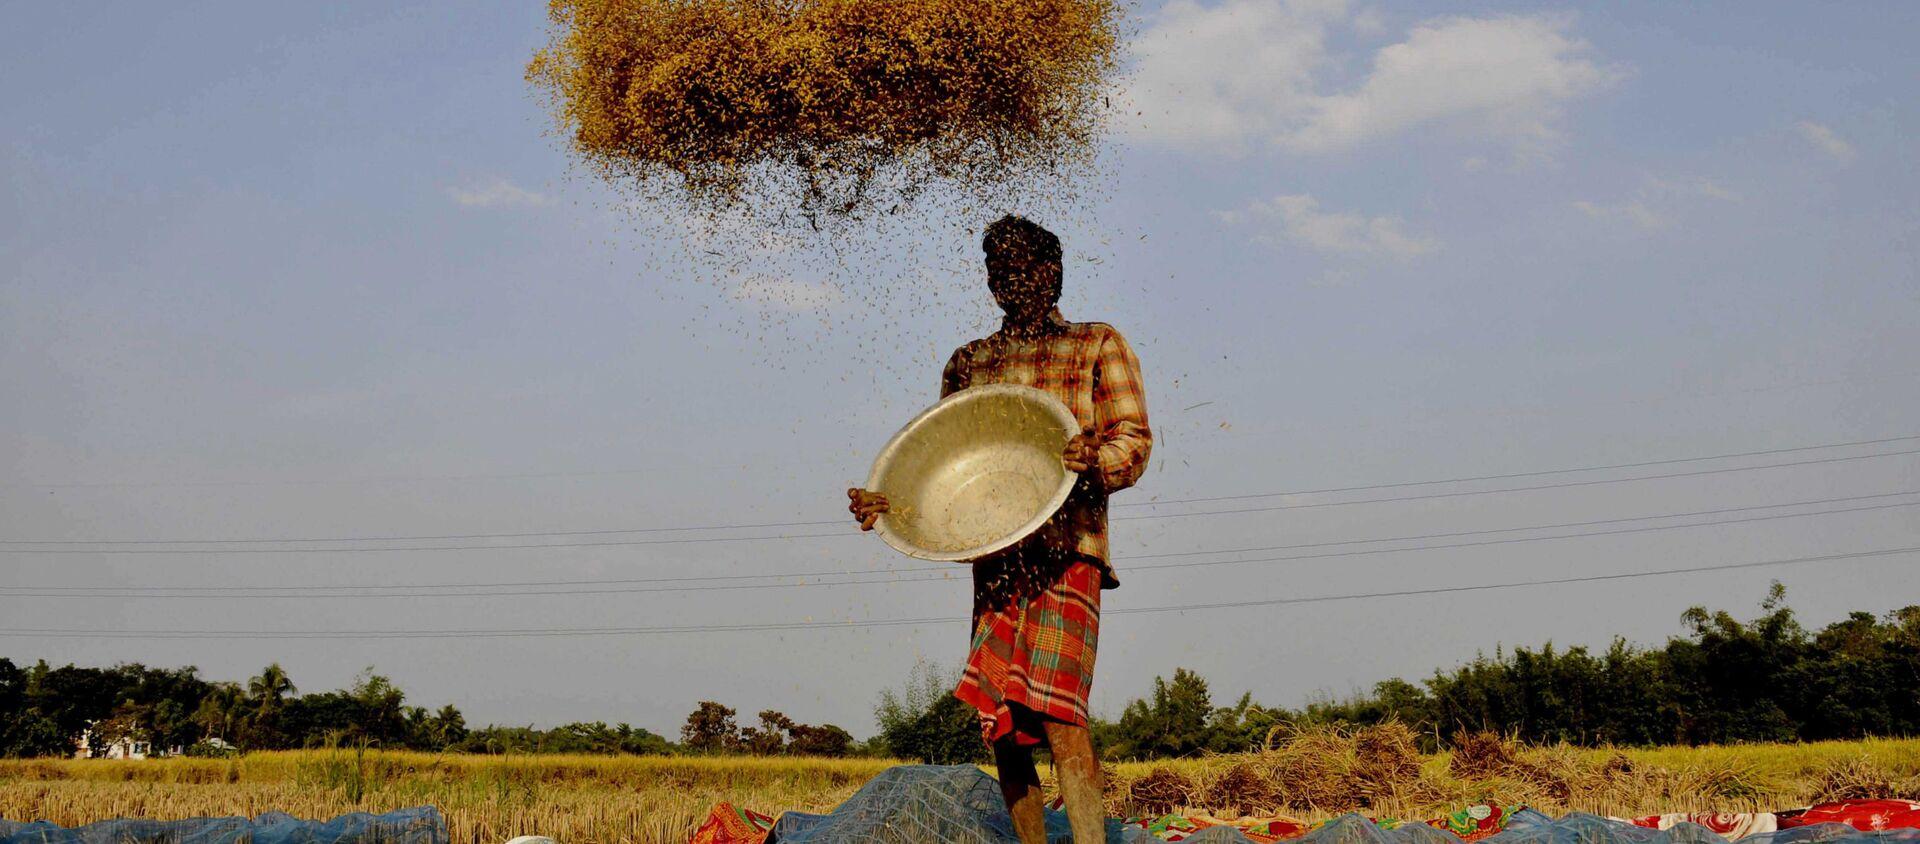 Một nông dân sàng gạo ở ngoại ô thành phố Agartala, Ấn Độ - Sputnik Việt Nam, 1920, 01.11.2020